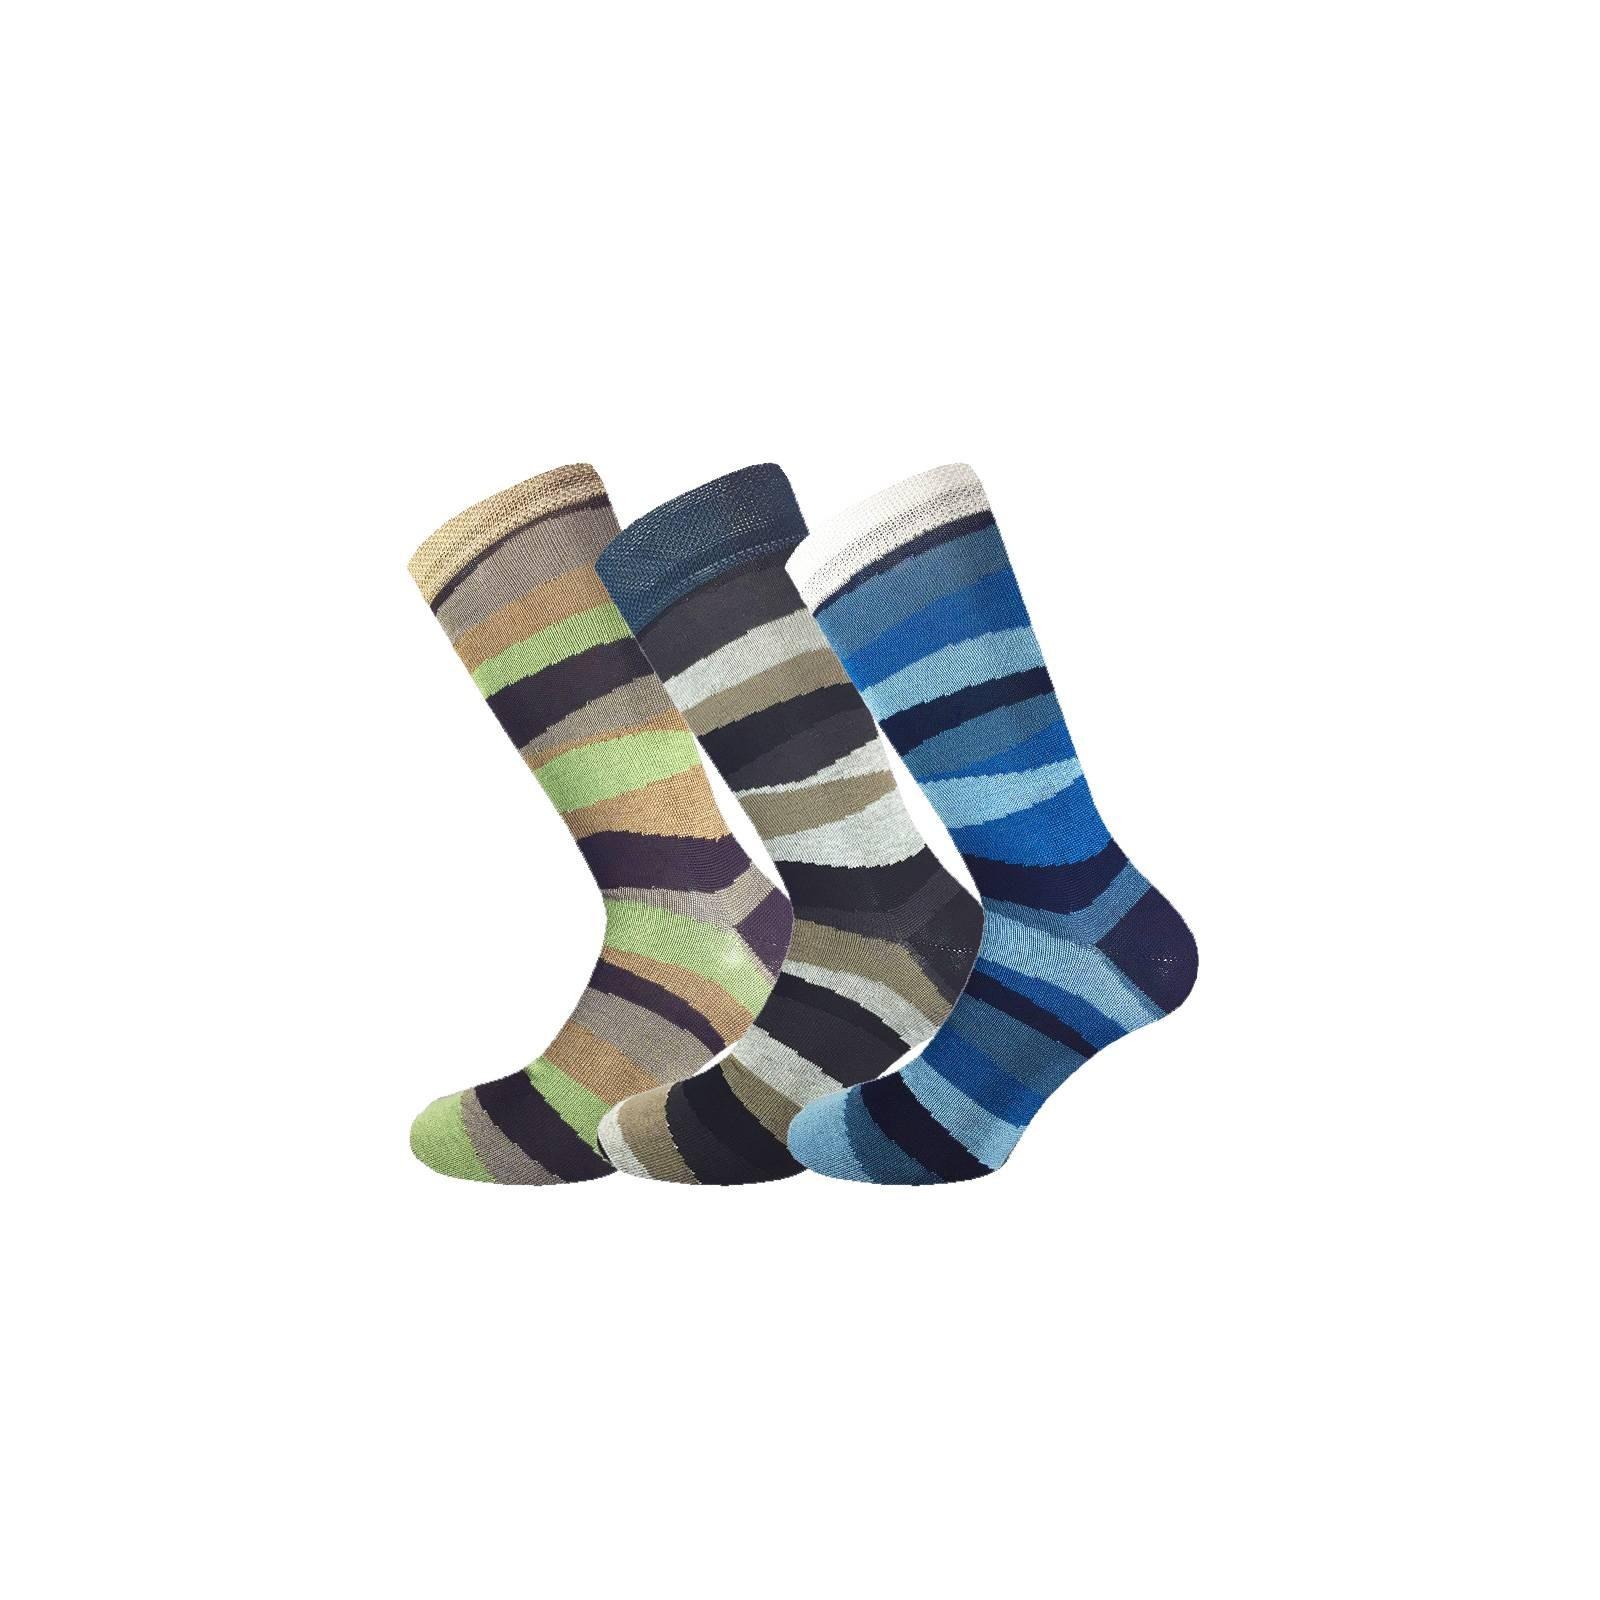 KAPPA set 6 paia calza corta cotone elasticizzato uomo art K546